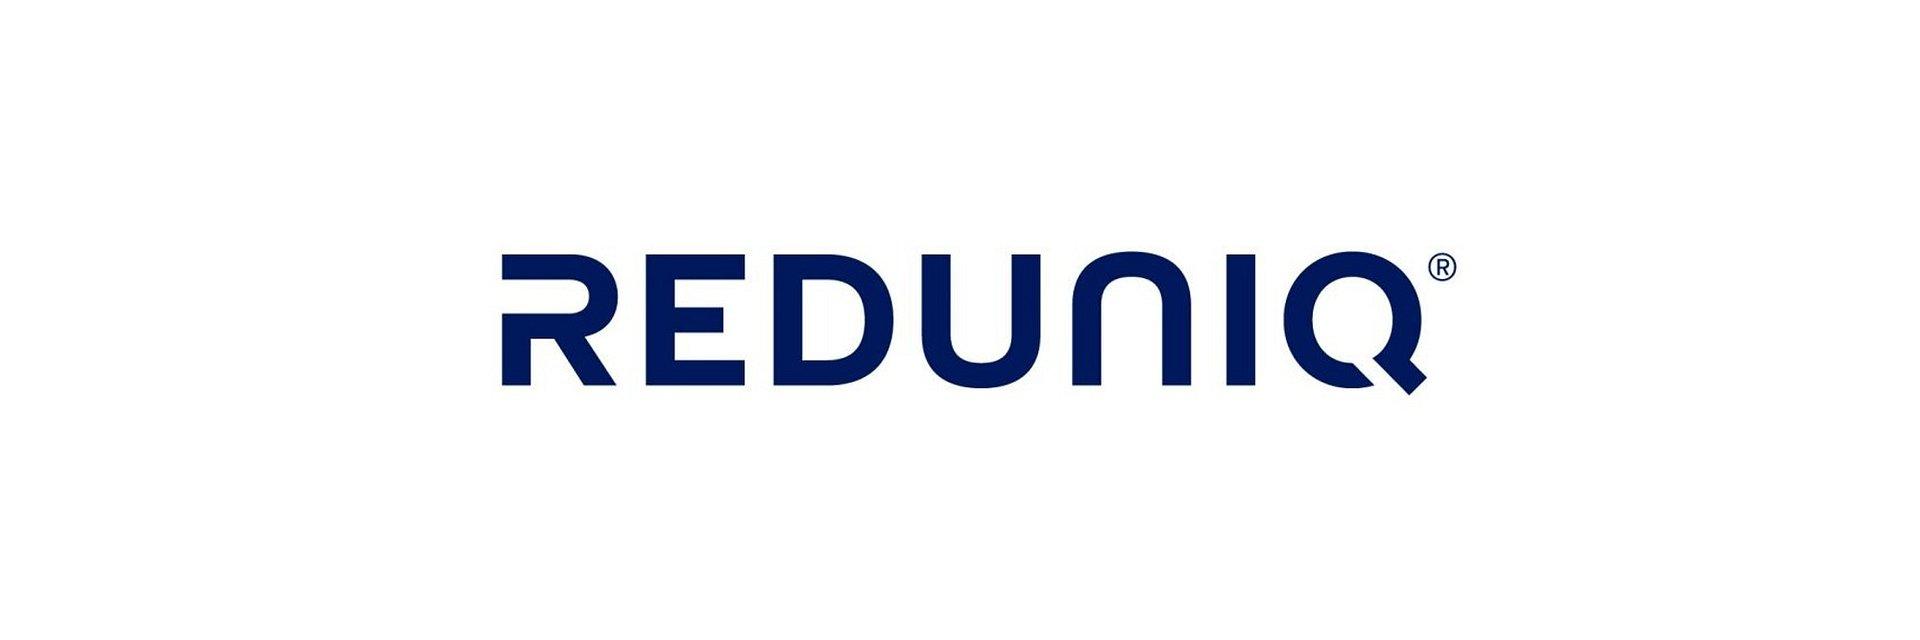 REDUNIQ facilita aceitação de pagamentos como medida de apoio aos negócios em Portugal